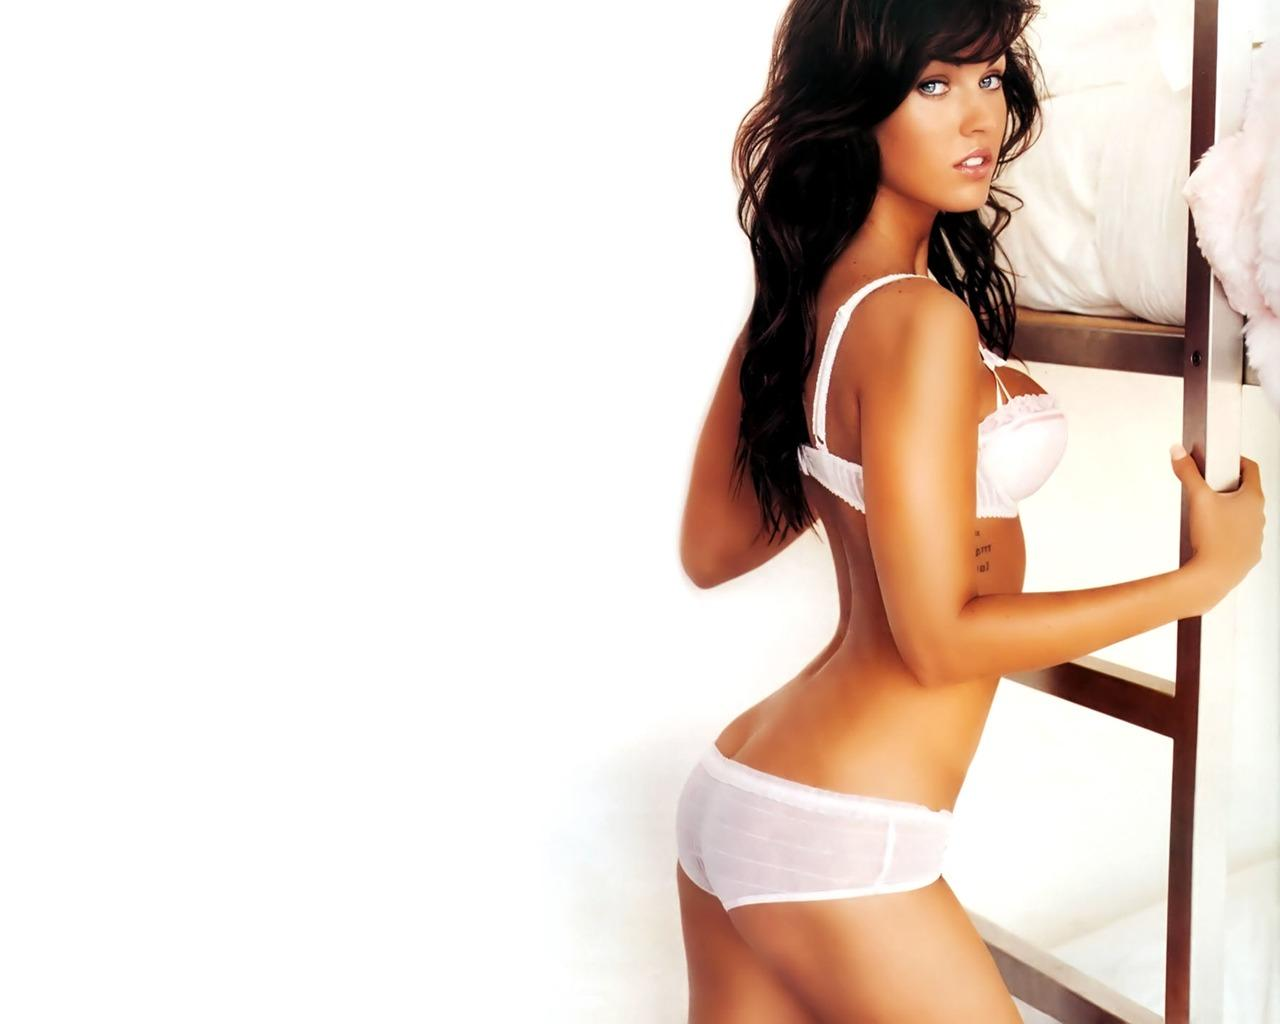 Sexy Teen Photo Megan Fox 103